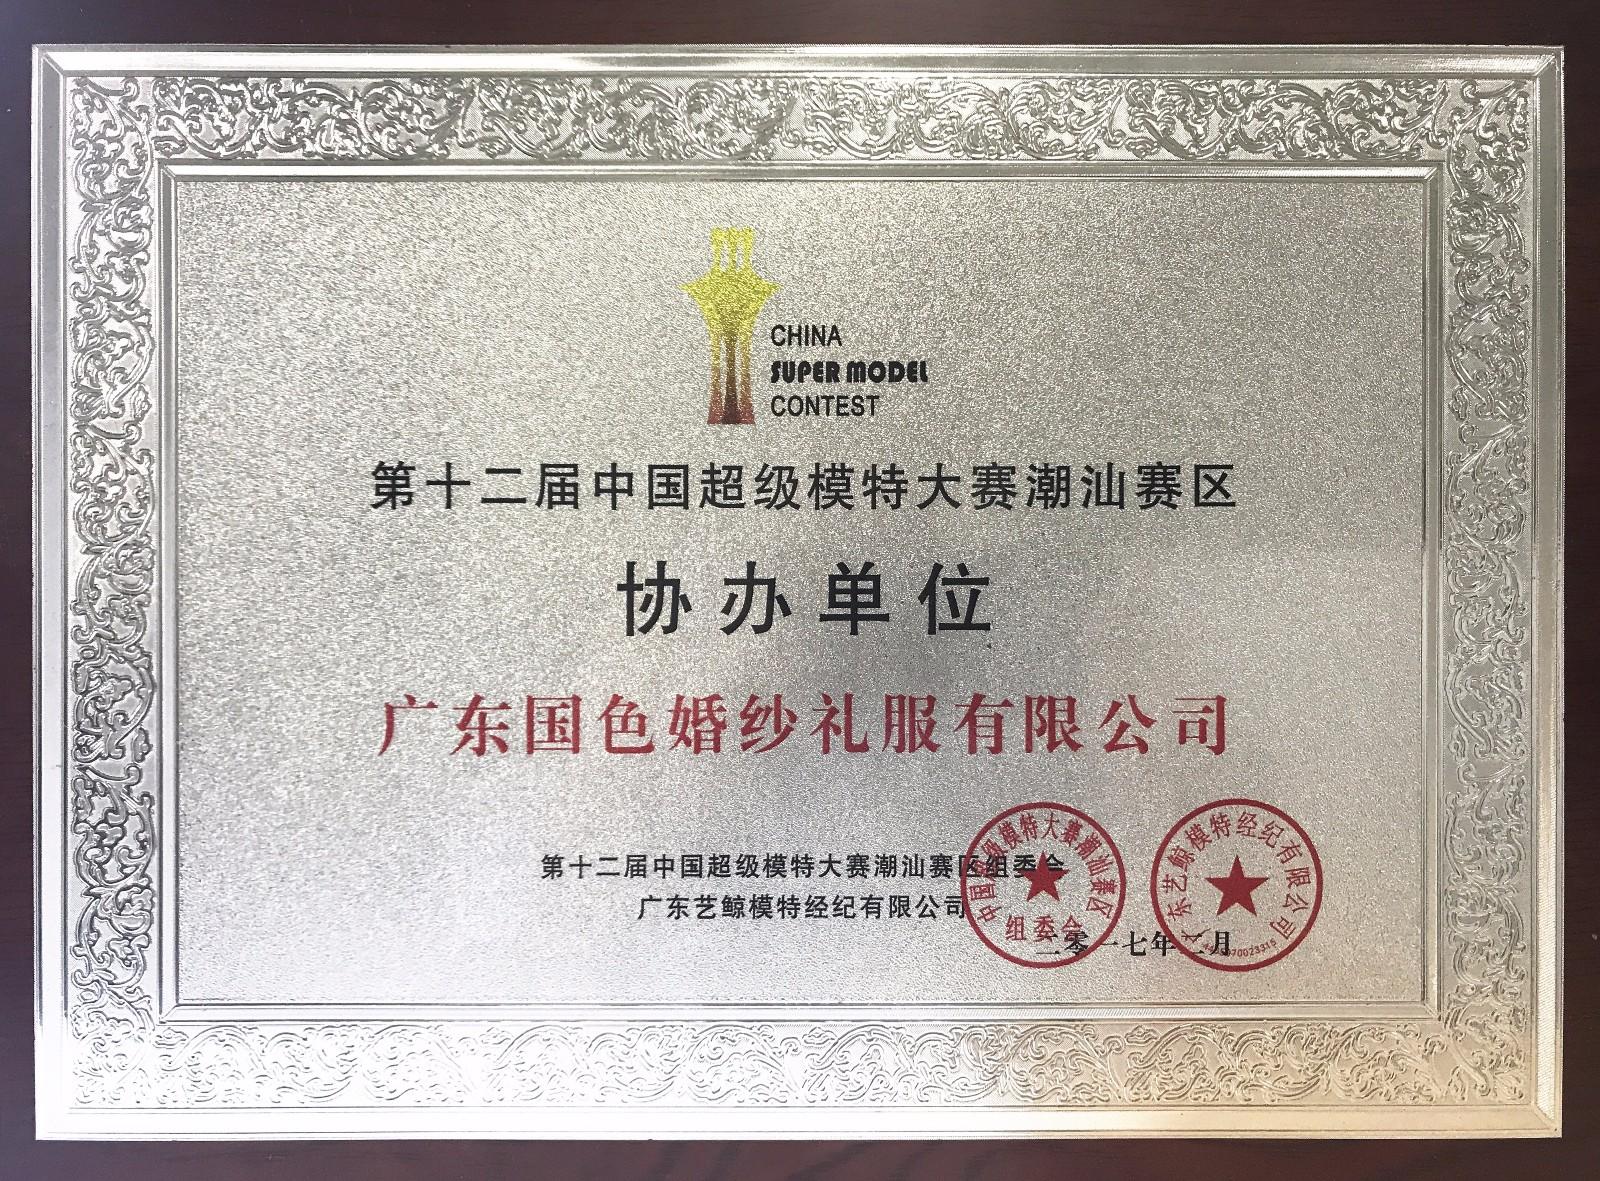 第十二届中国超模大赛.jpg